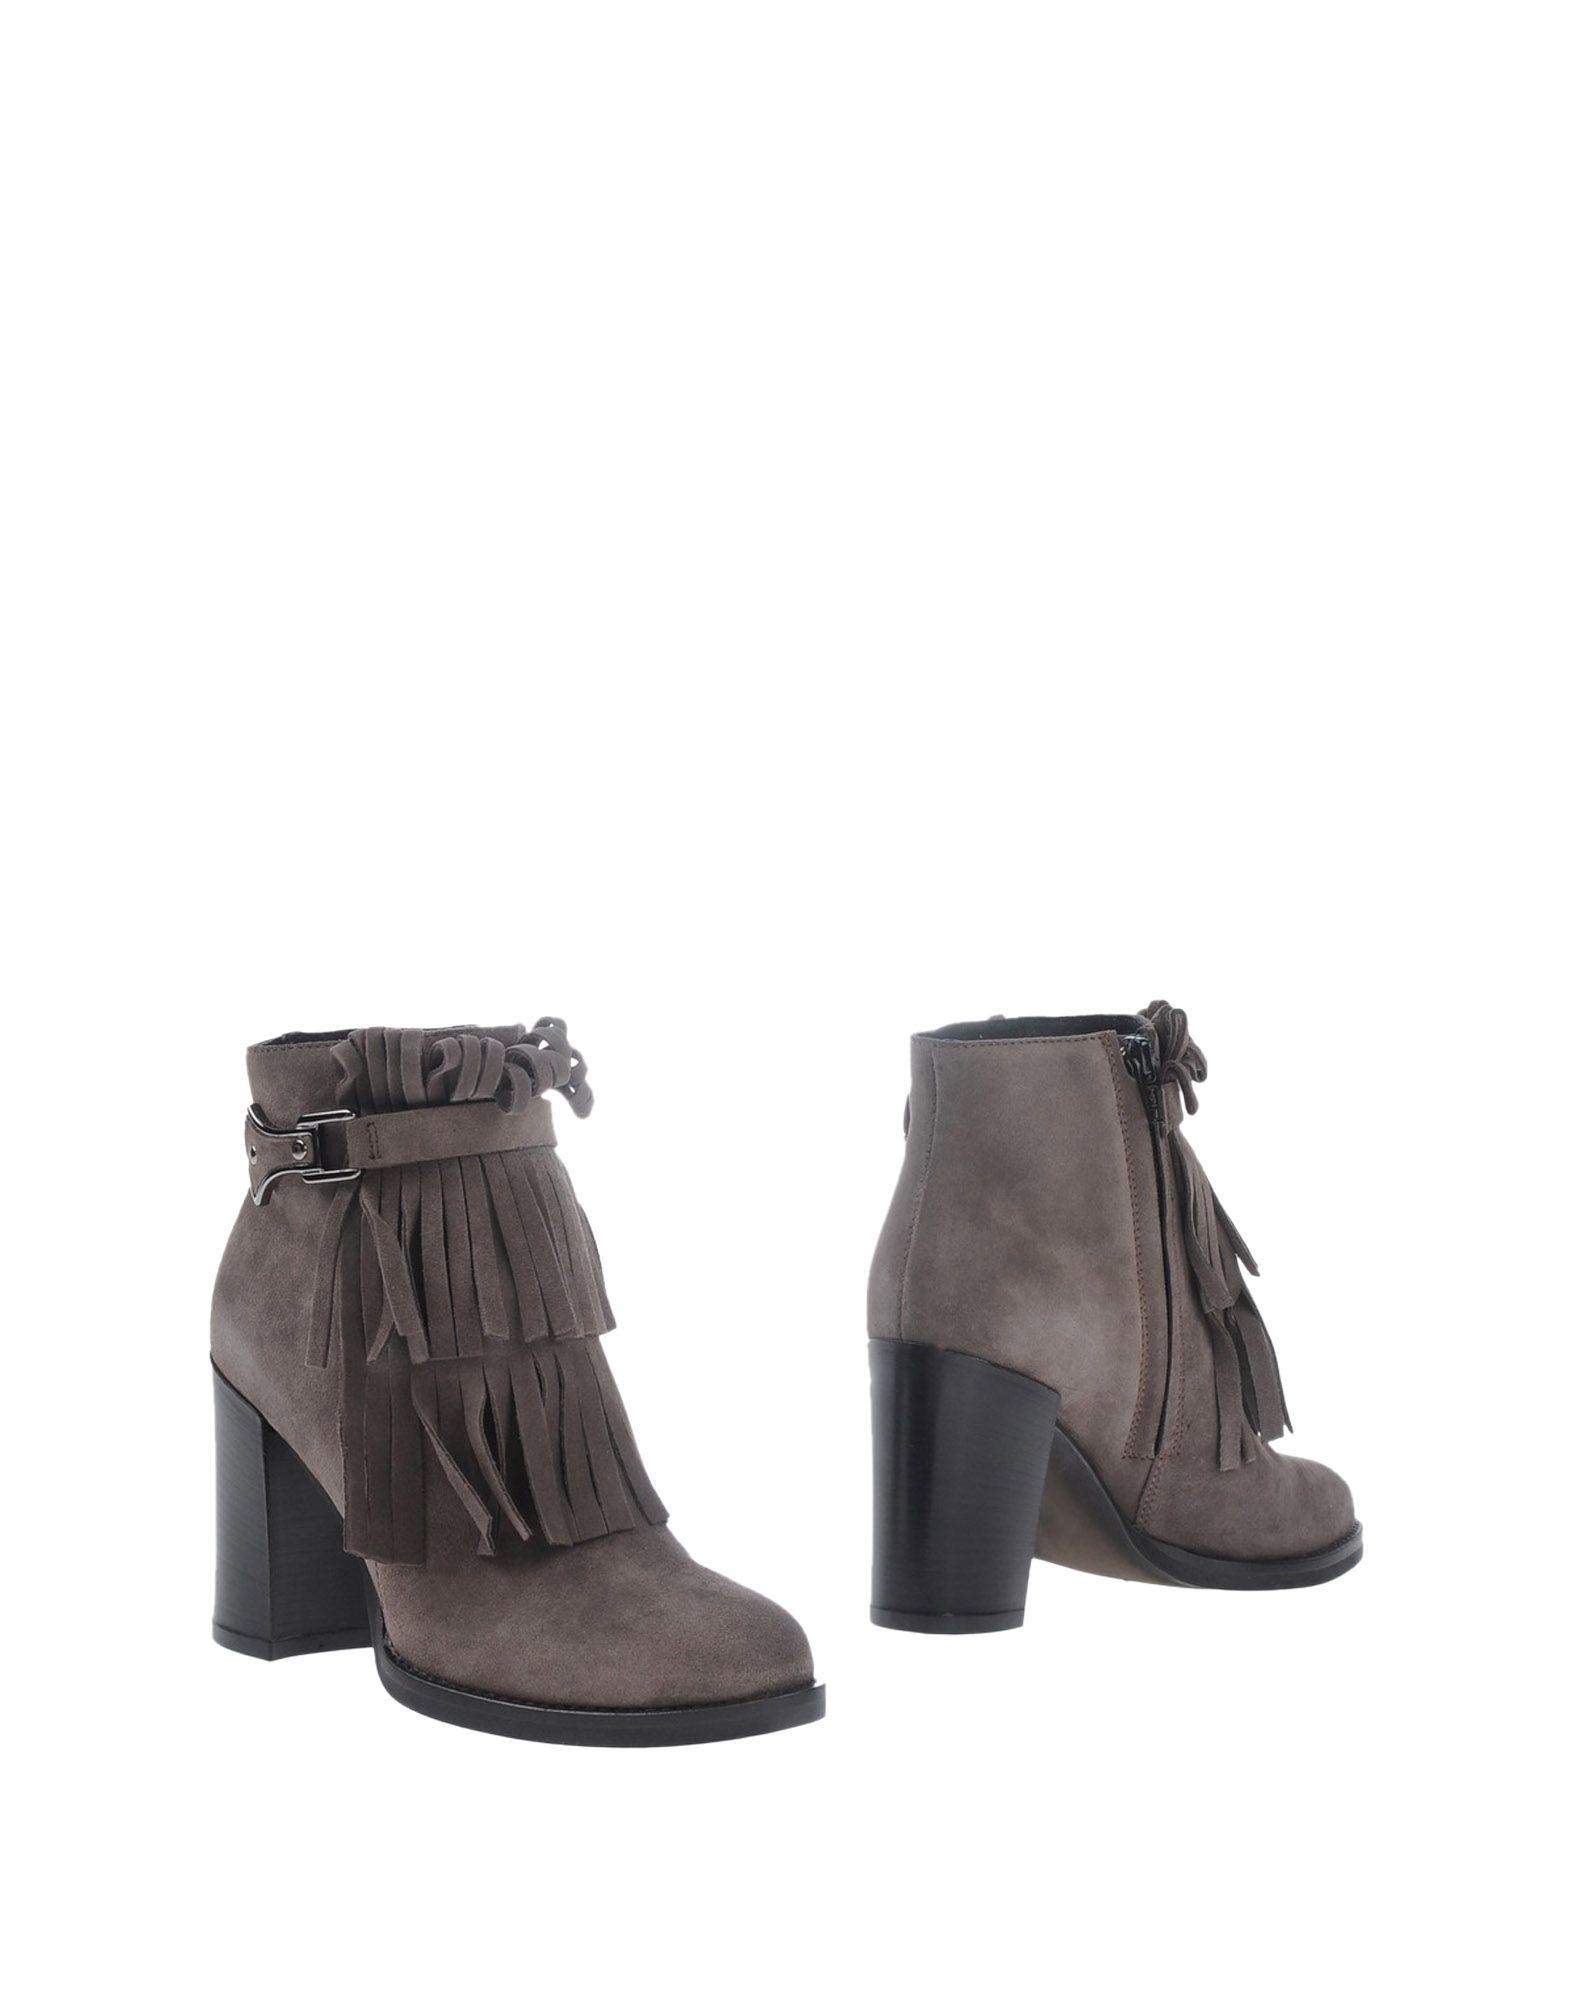 Mauro Fedeli Stiefelette Damen  11051824JV Gute Qualität beliebte Schuhe